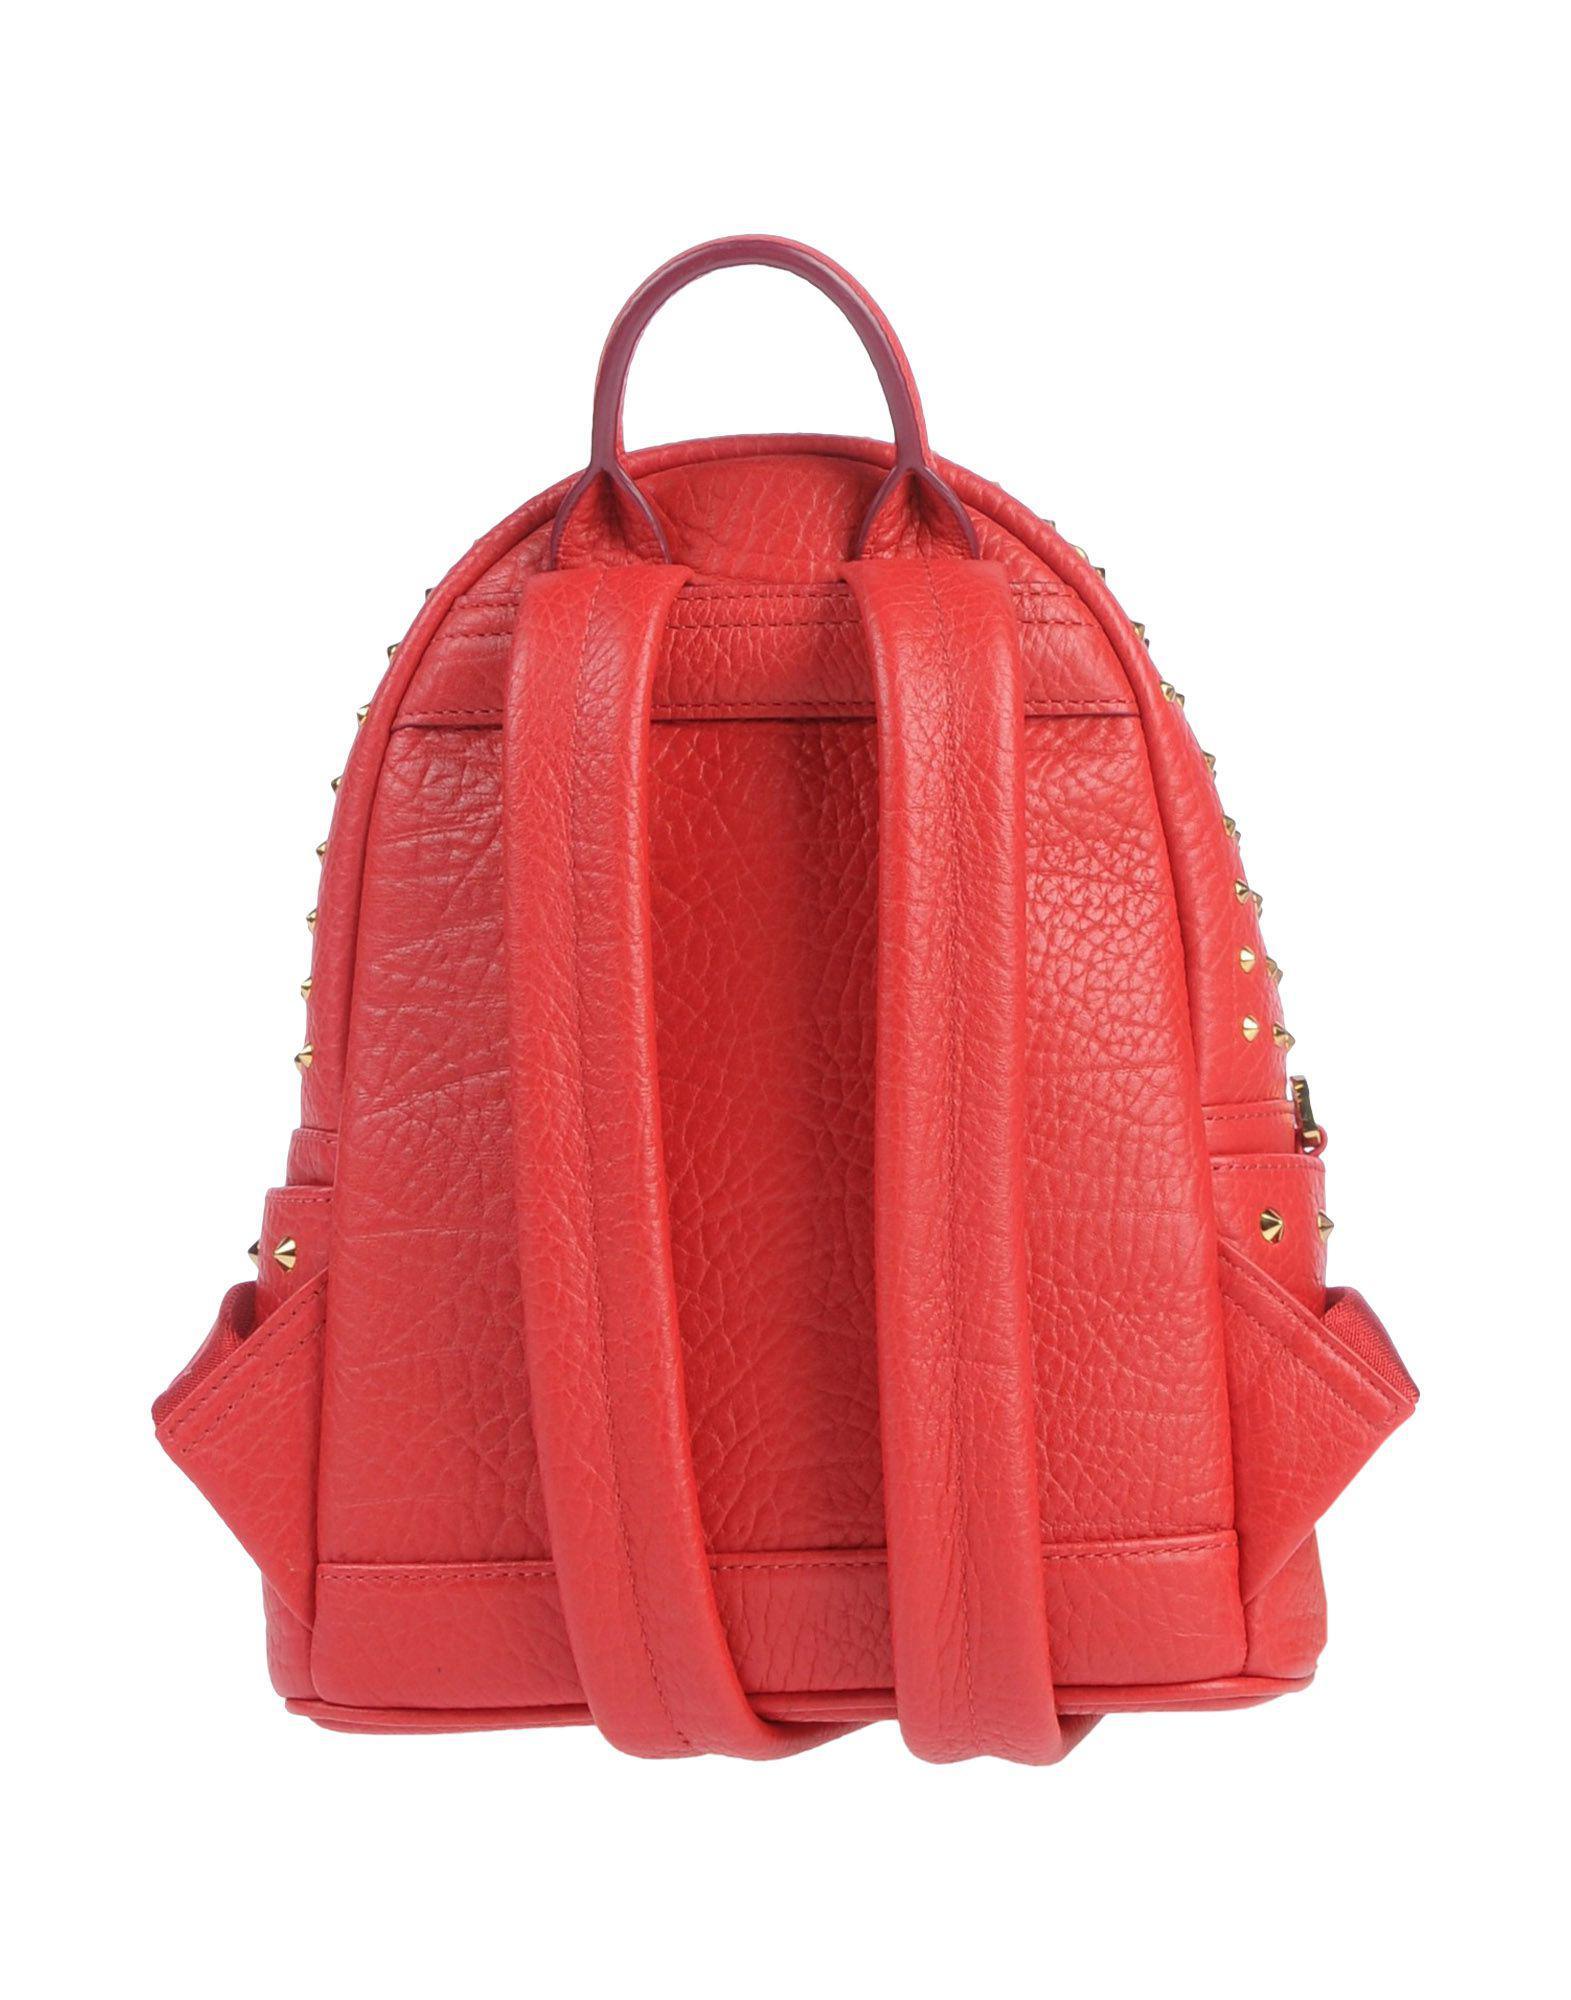 Lyst - Sacs à dos et bananes MCM en coloris Rouge 176e4a31b7e